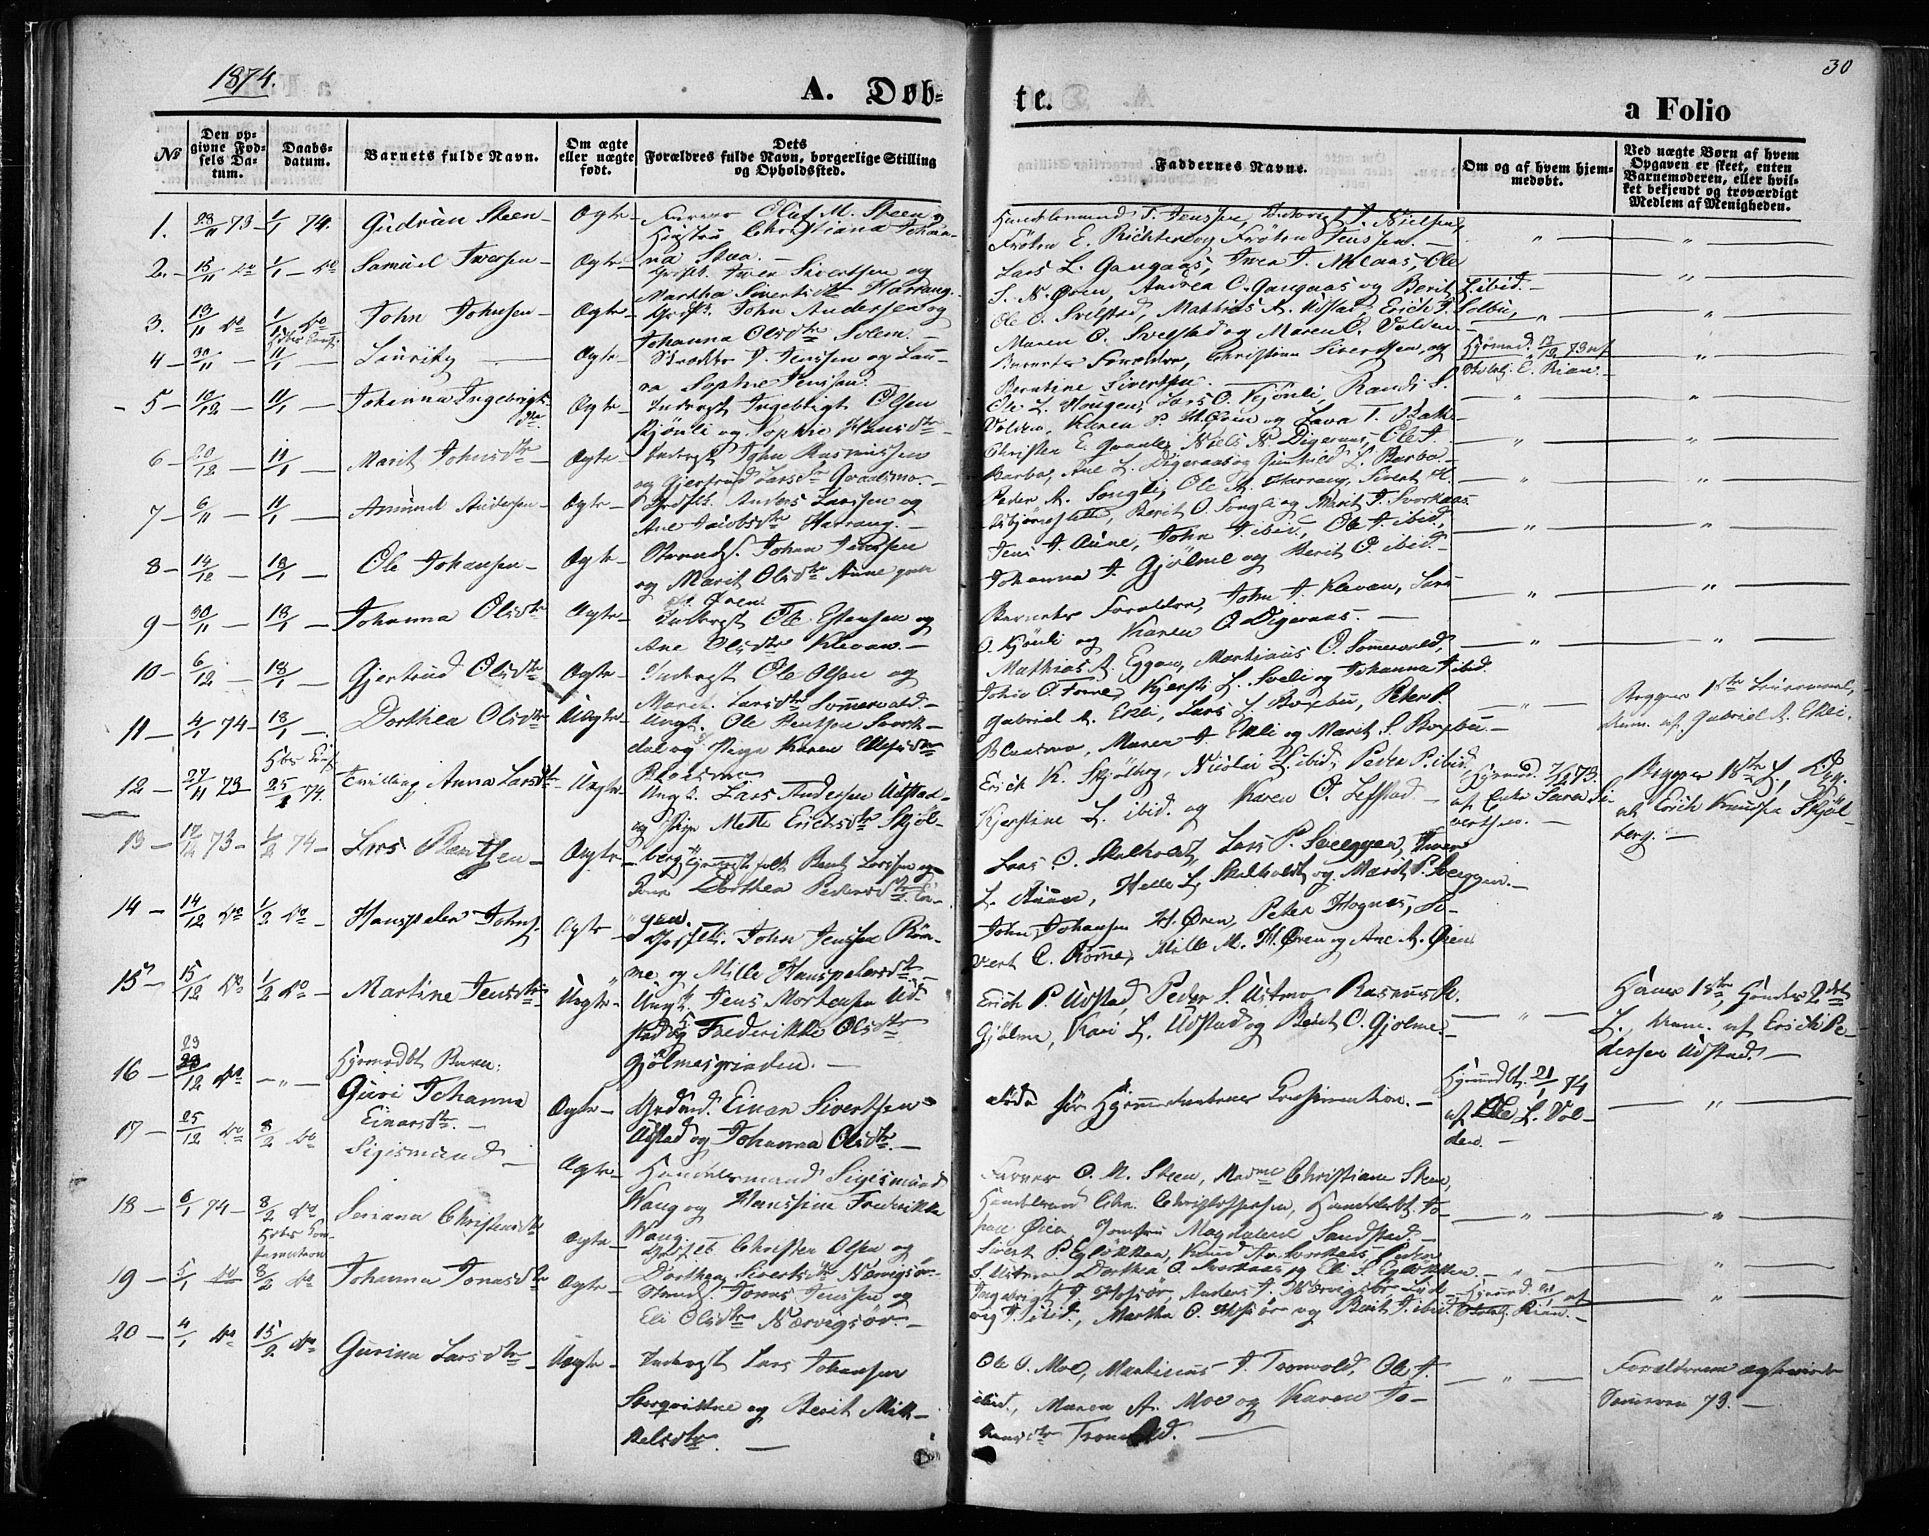 SAT, Ministerialprotokoller, klokkerbøker og fødselsregistre - Sør-Trøndelag, 668/L0807: Ministerialbok nr. 668A07, 1870-1880, s. 30